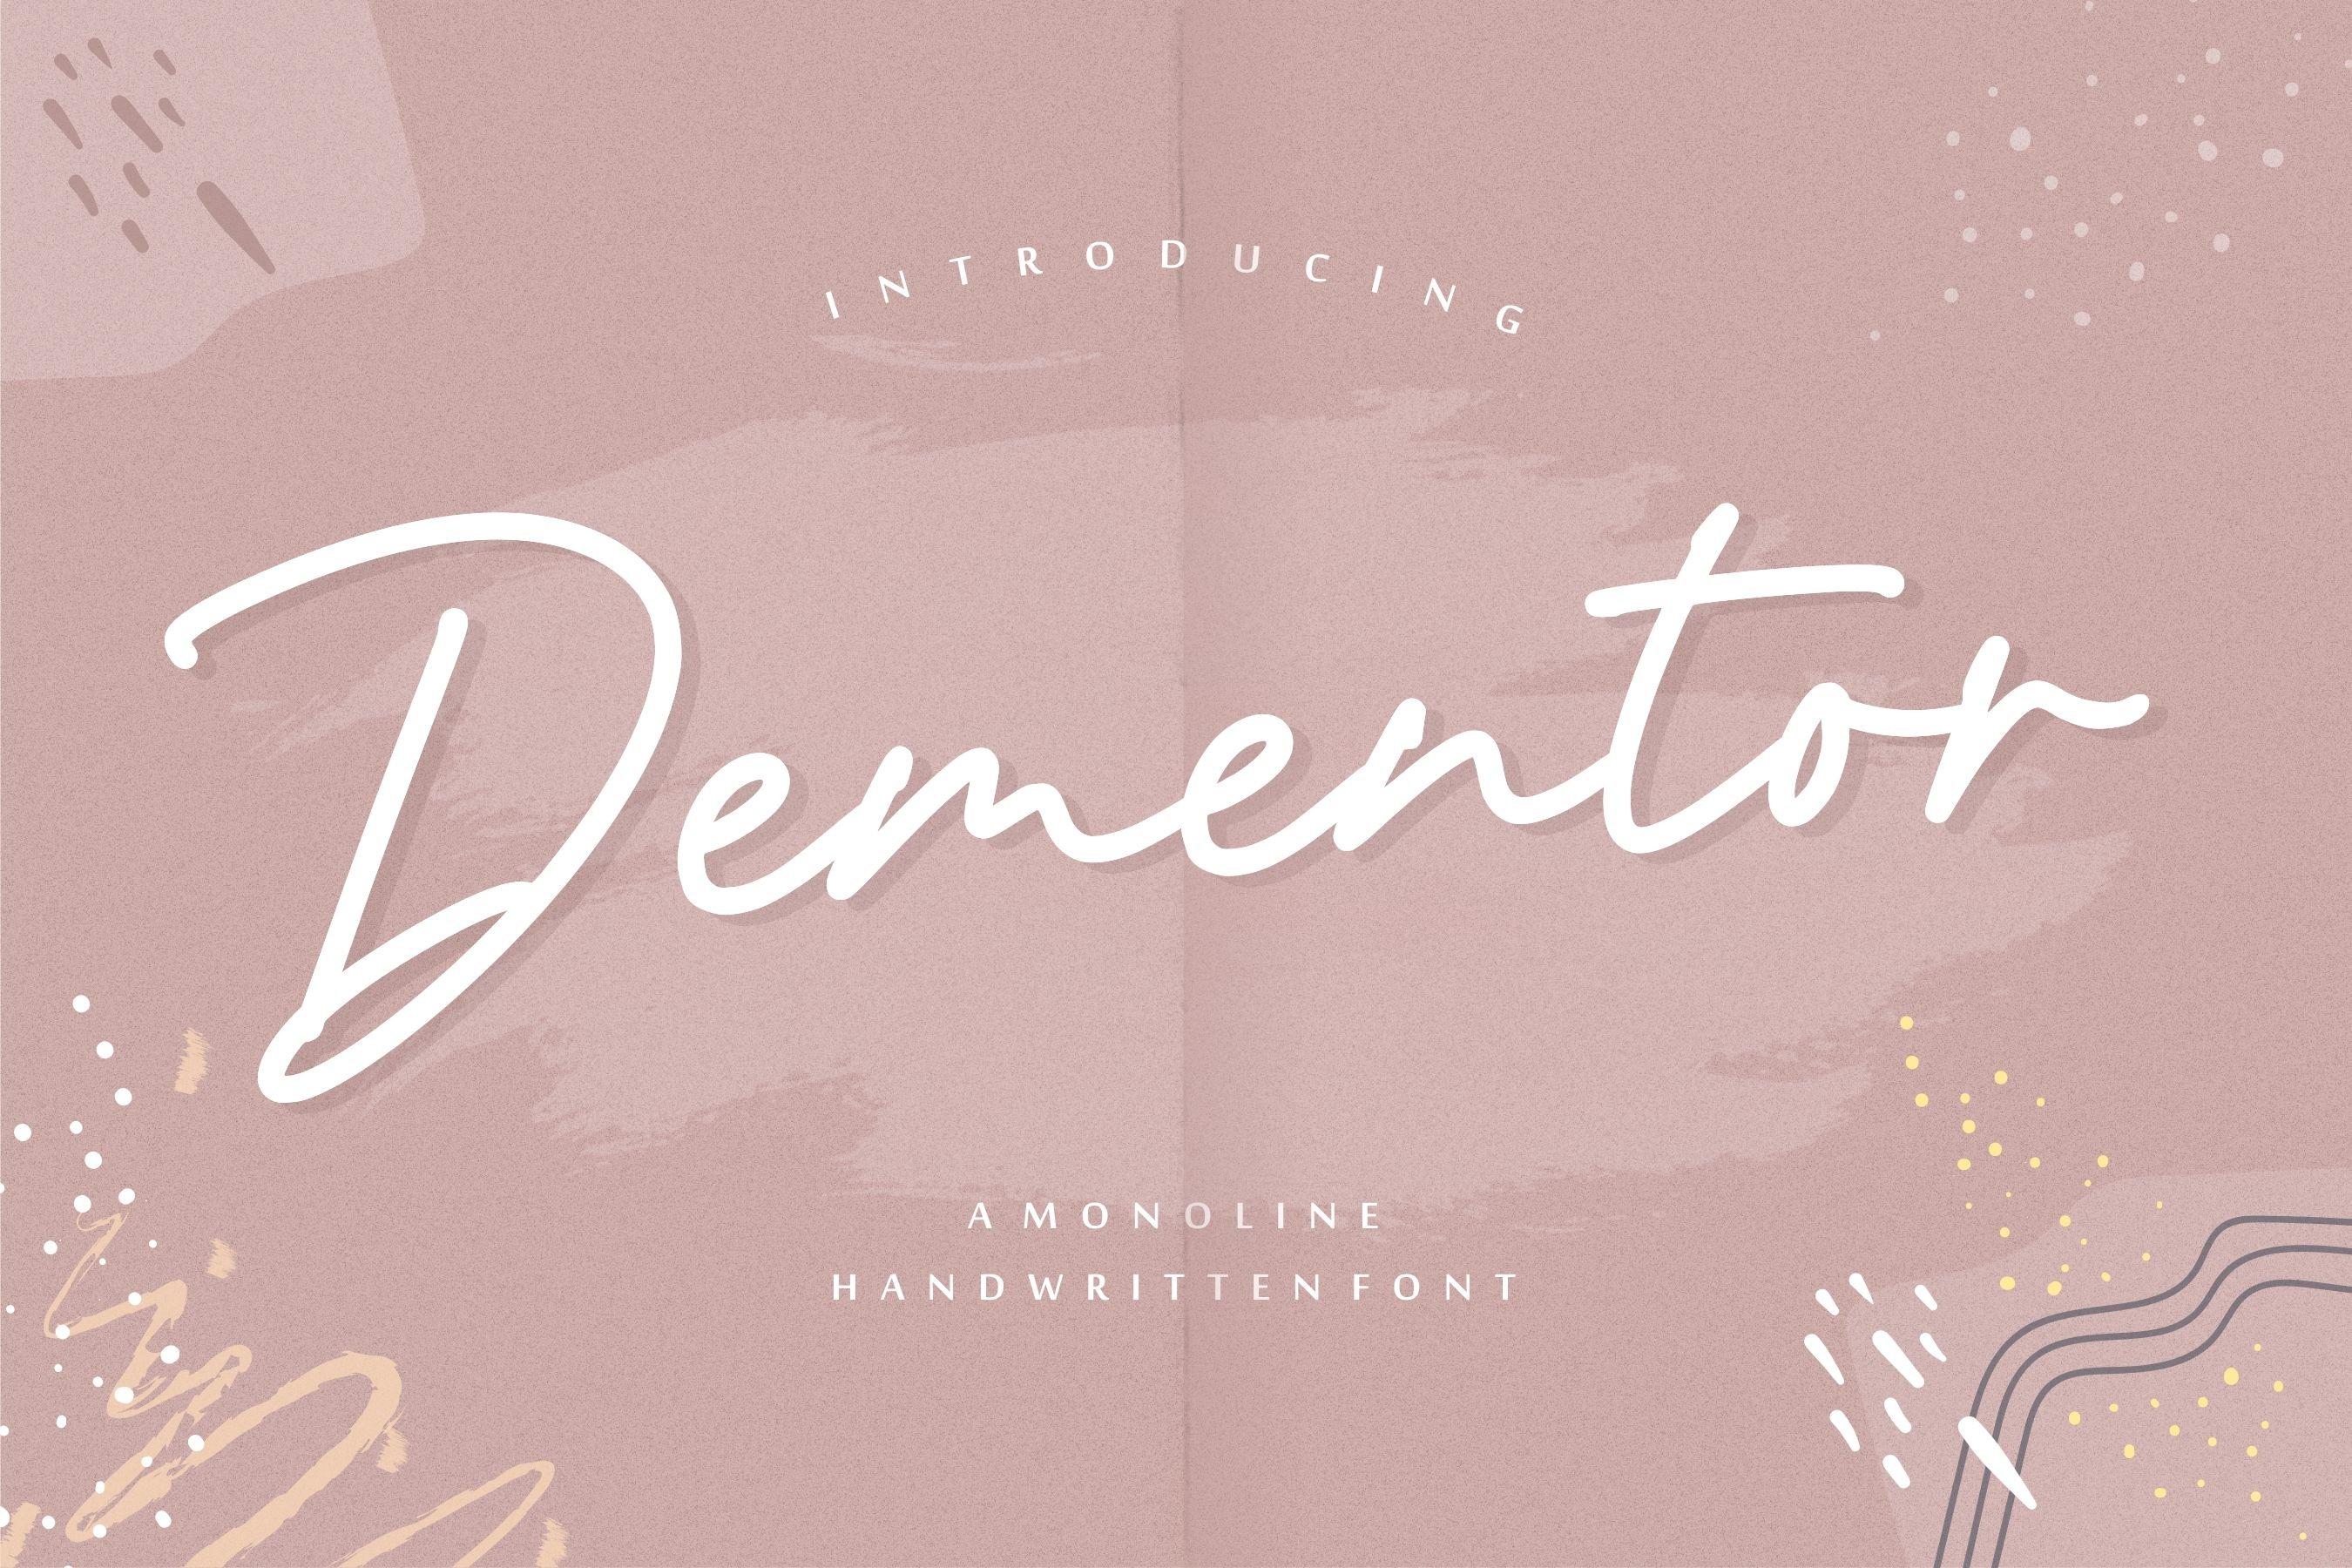 Dementor Monoline Handwritten Font example image 1